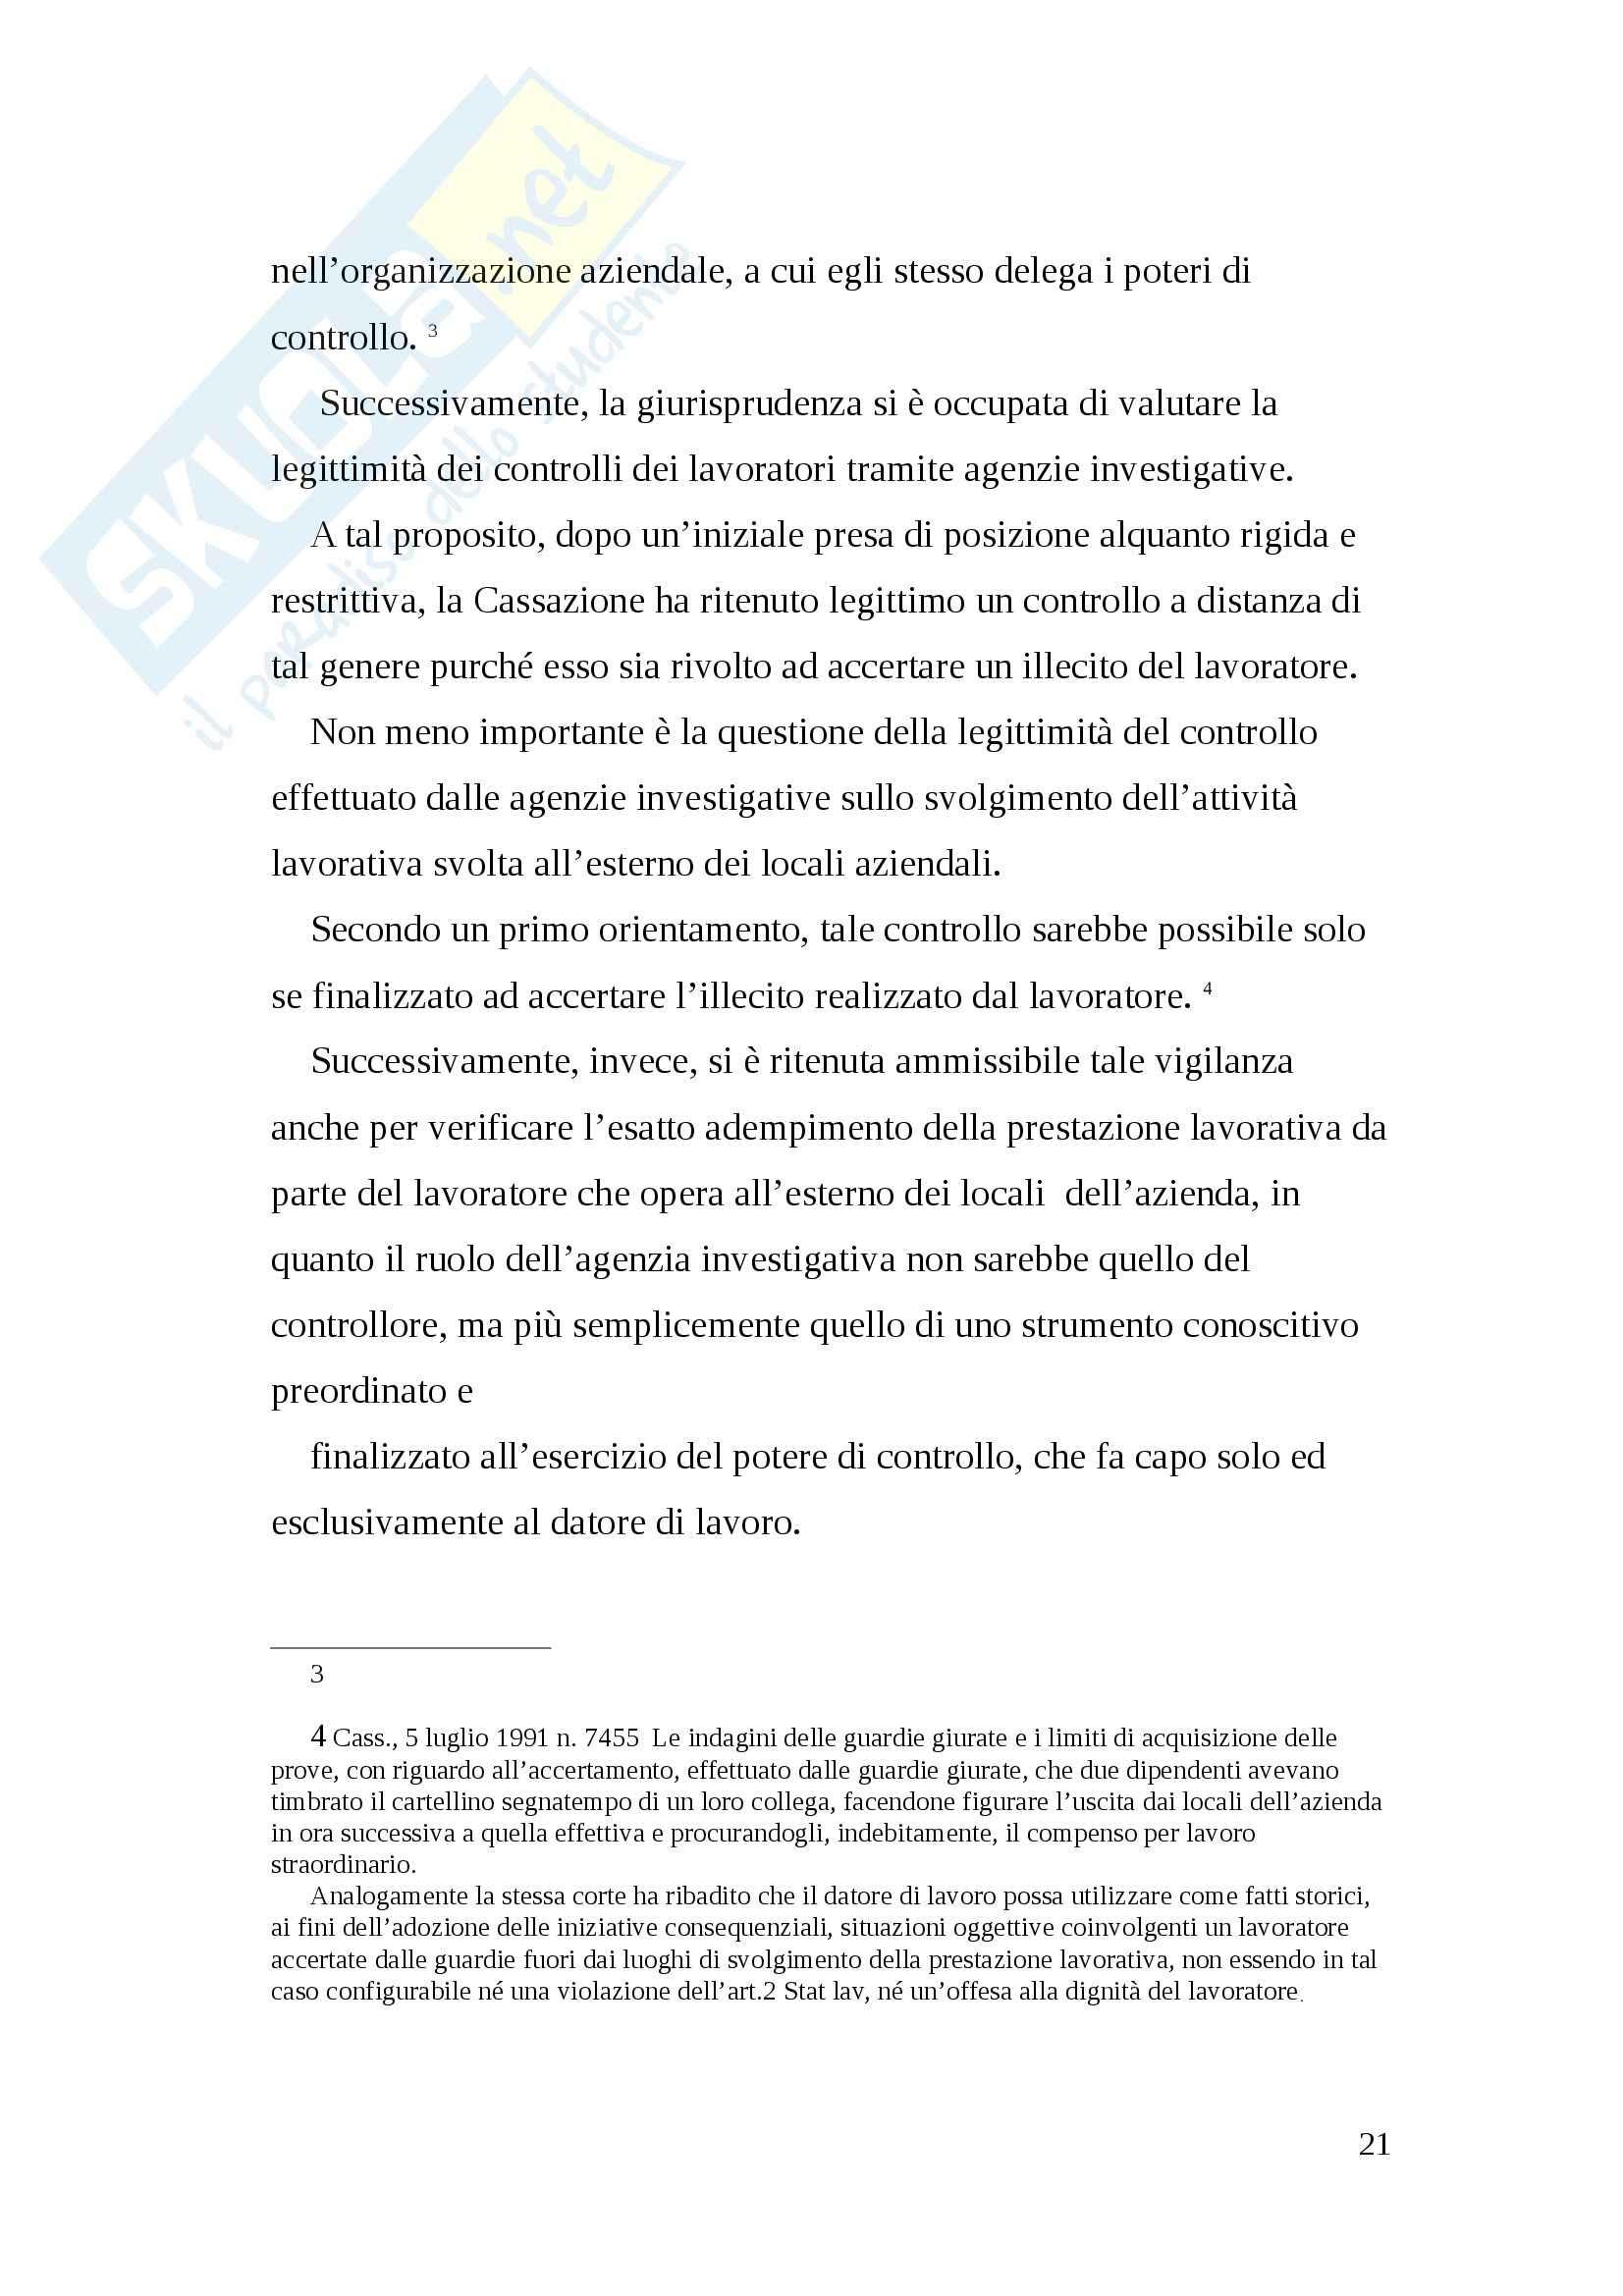 Tesi diritto del lavoro Pag. 21